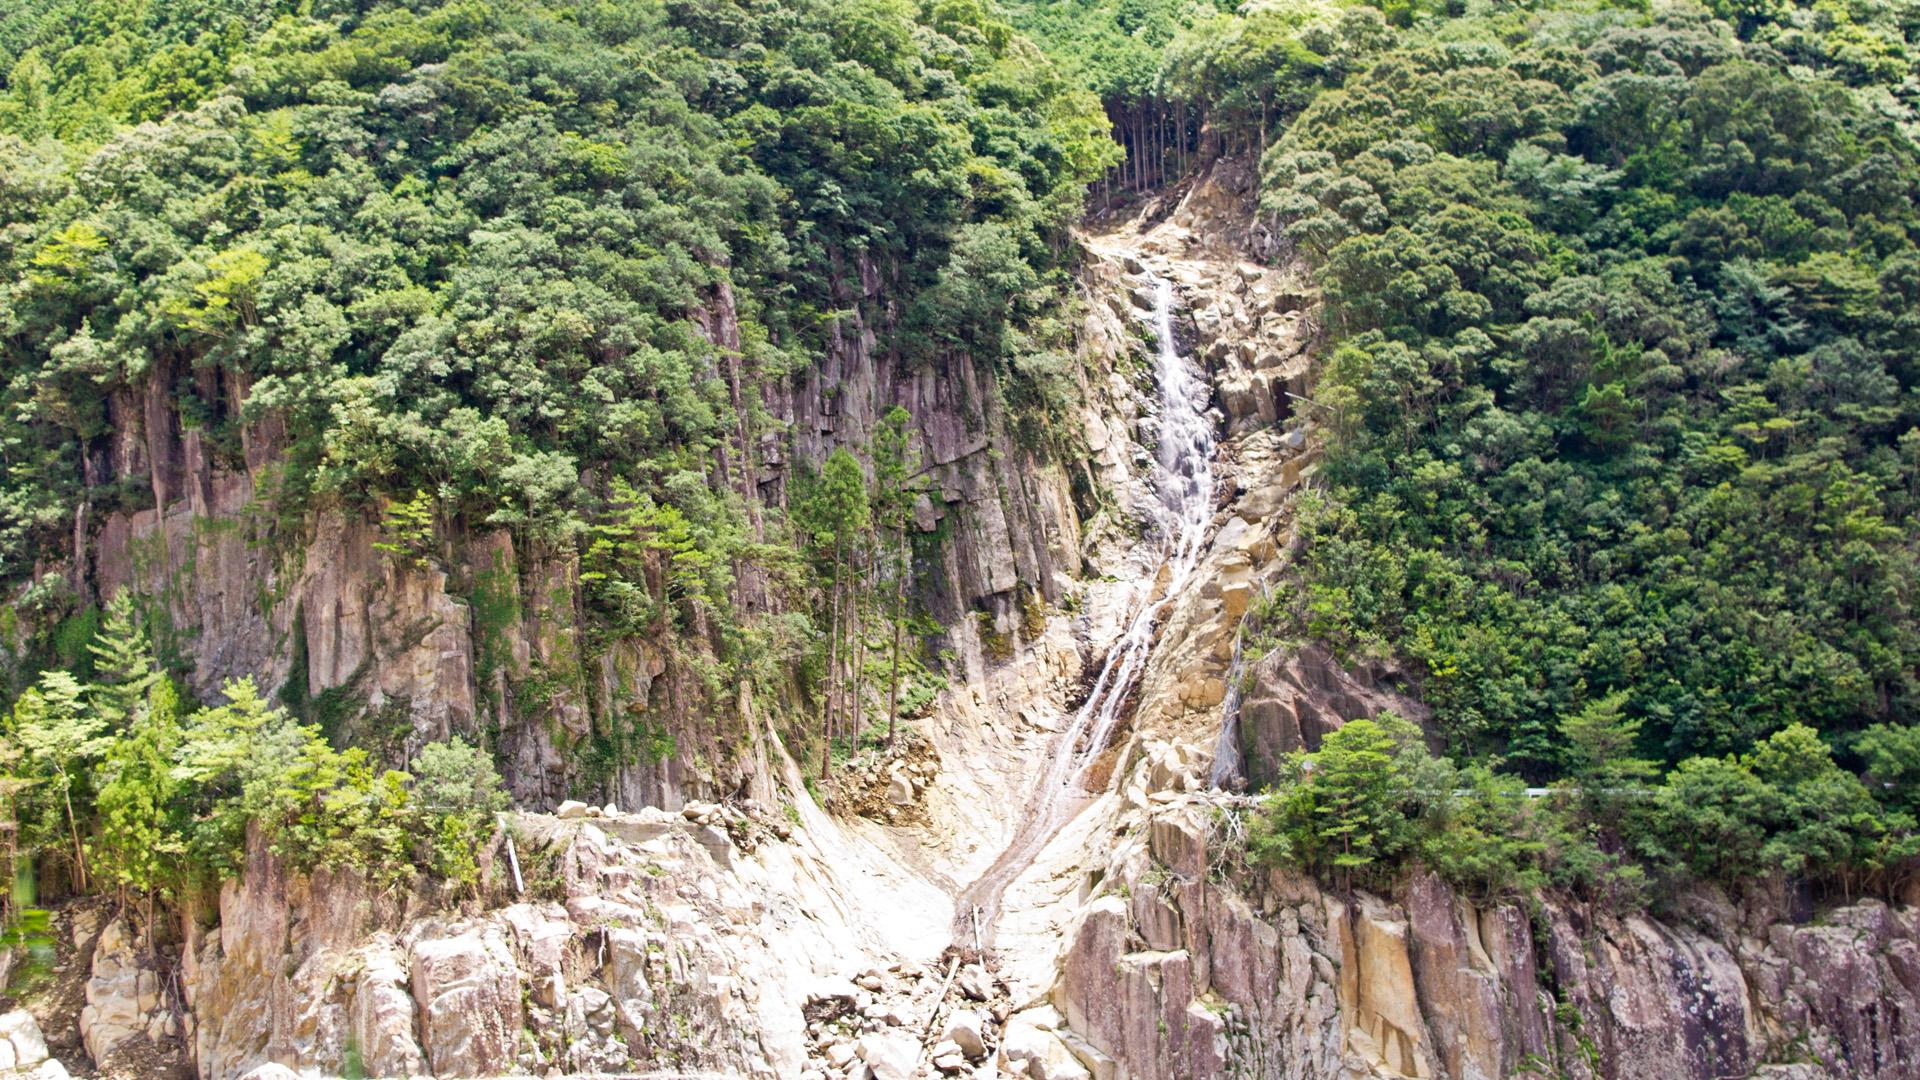 熊野の崖崩れ滝